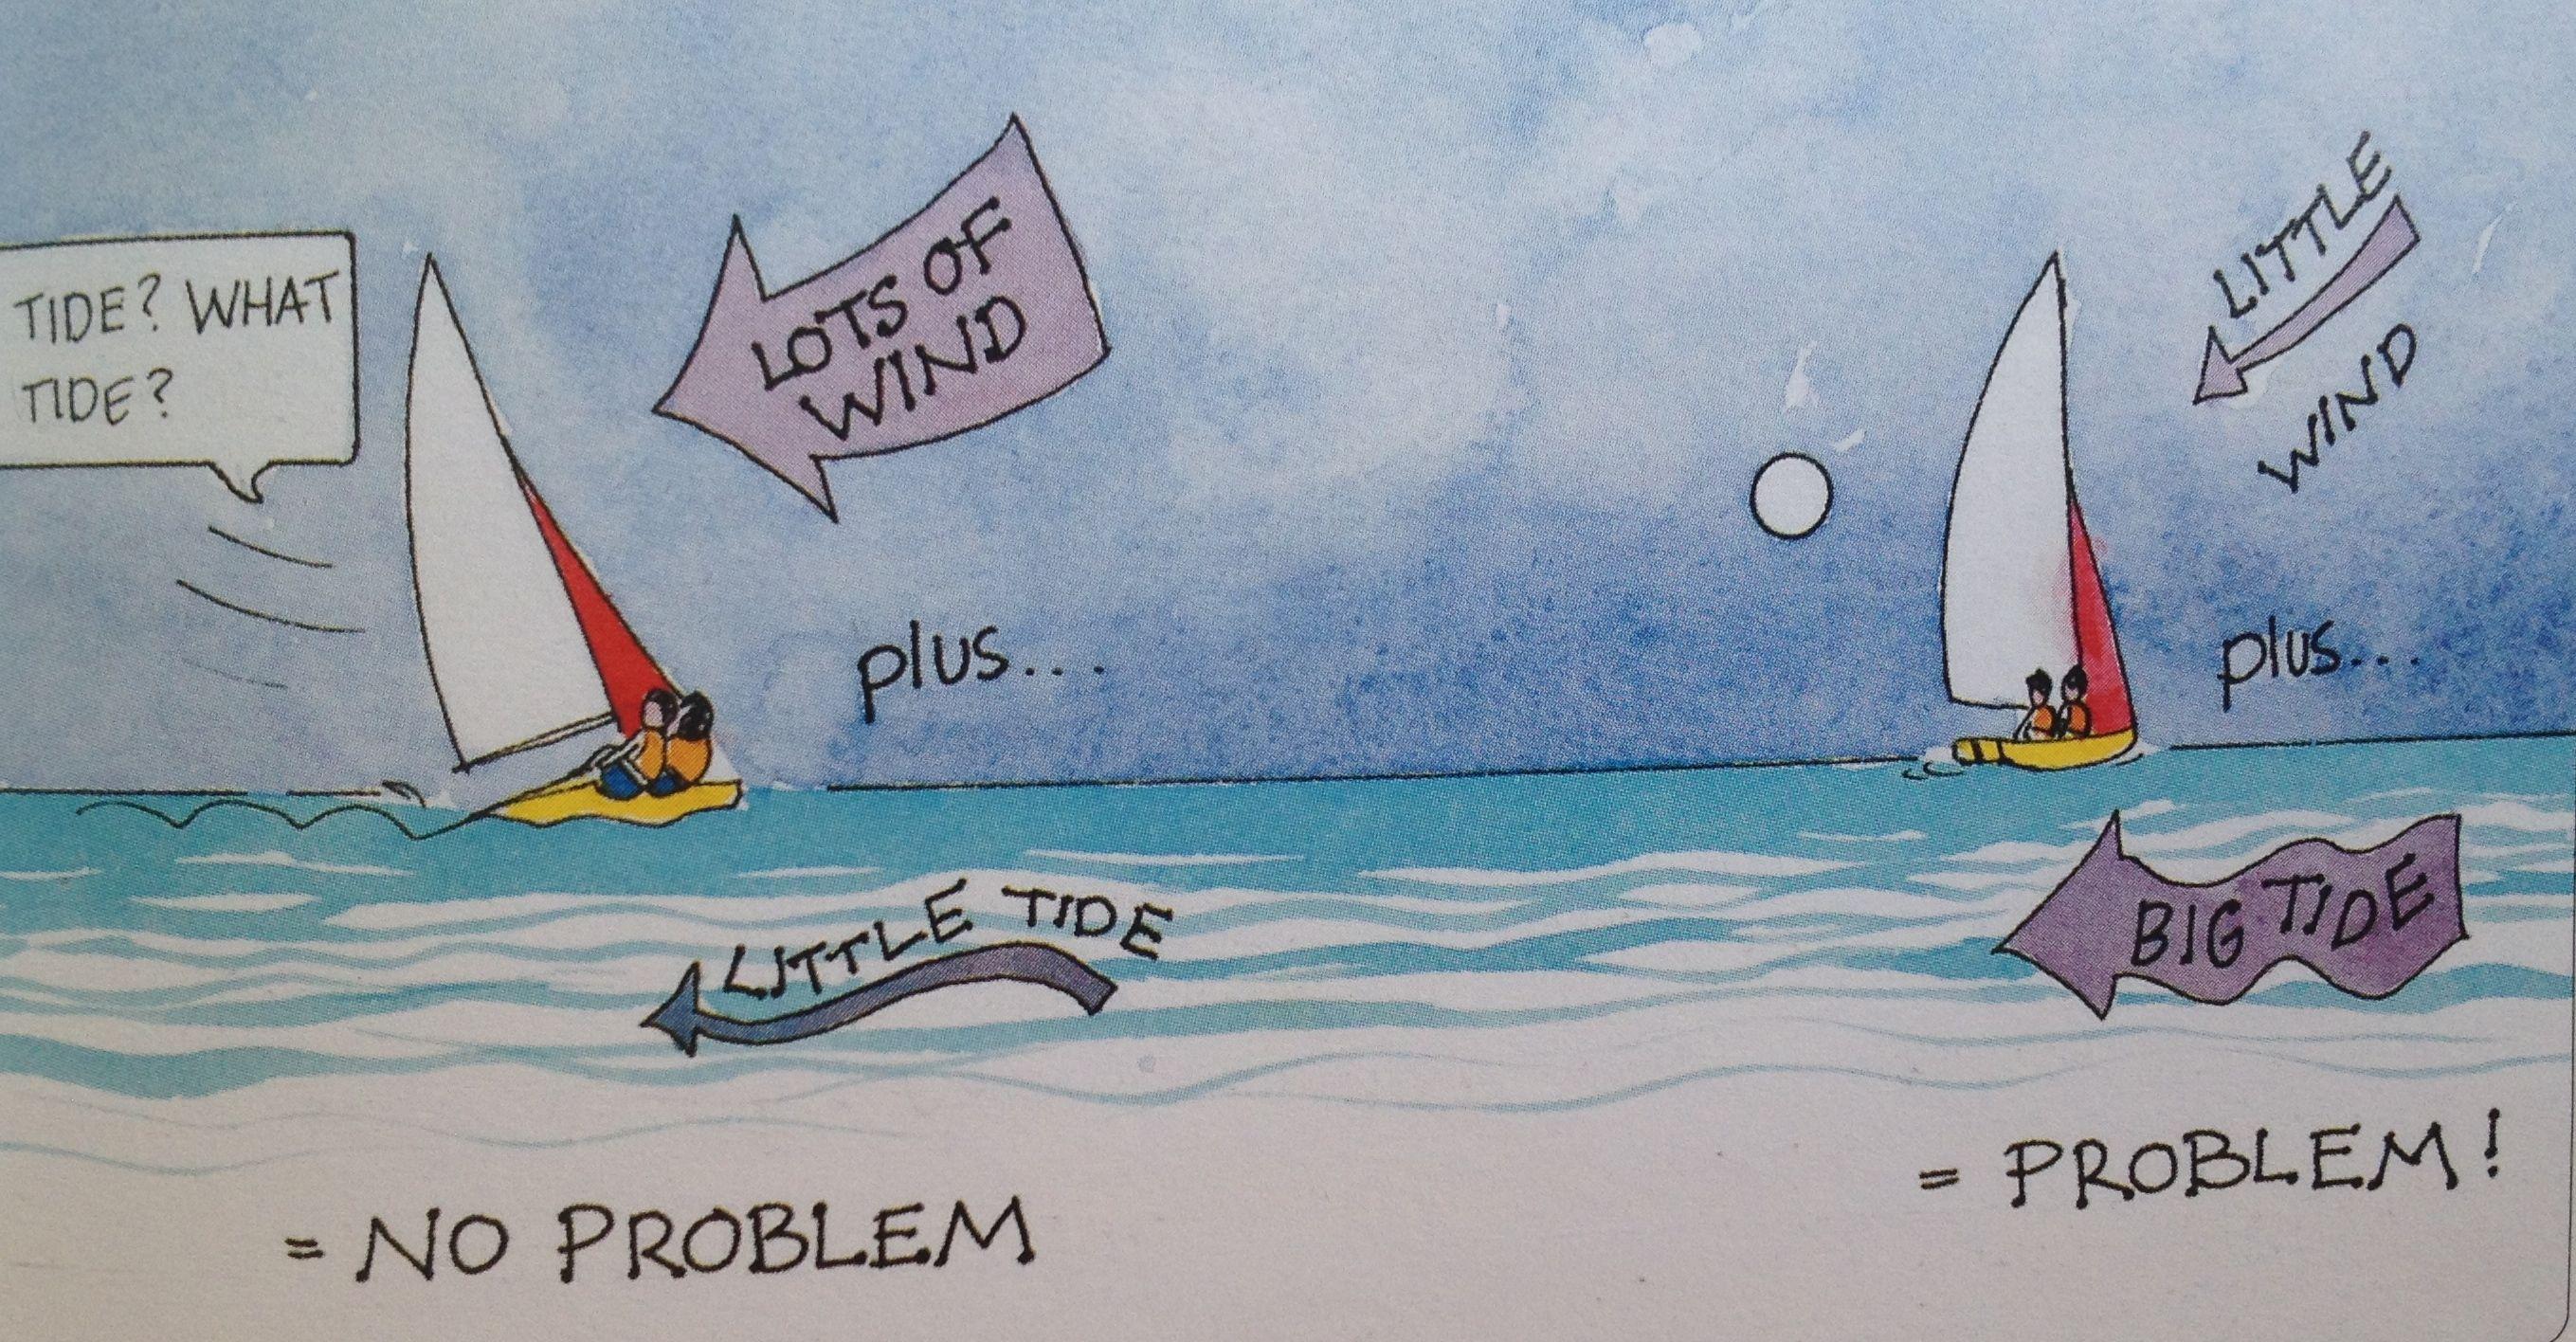 图片,测量,影响 怎么测量出流水的方向与速度?流水有什么作用?又有哪些影响呢? 42e风流对船体的影响.jpg